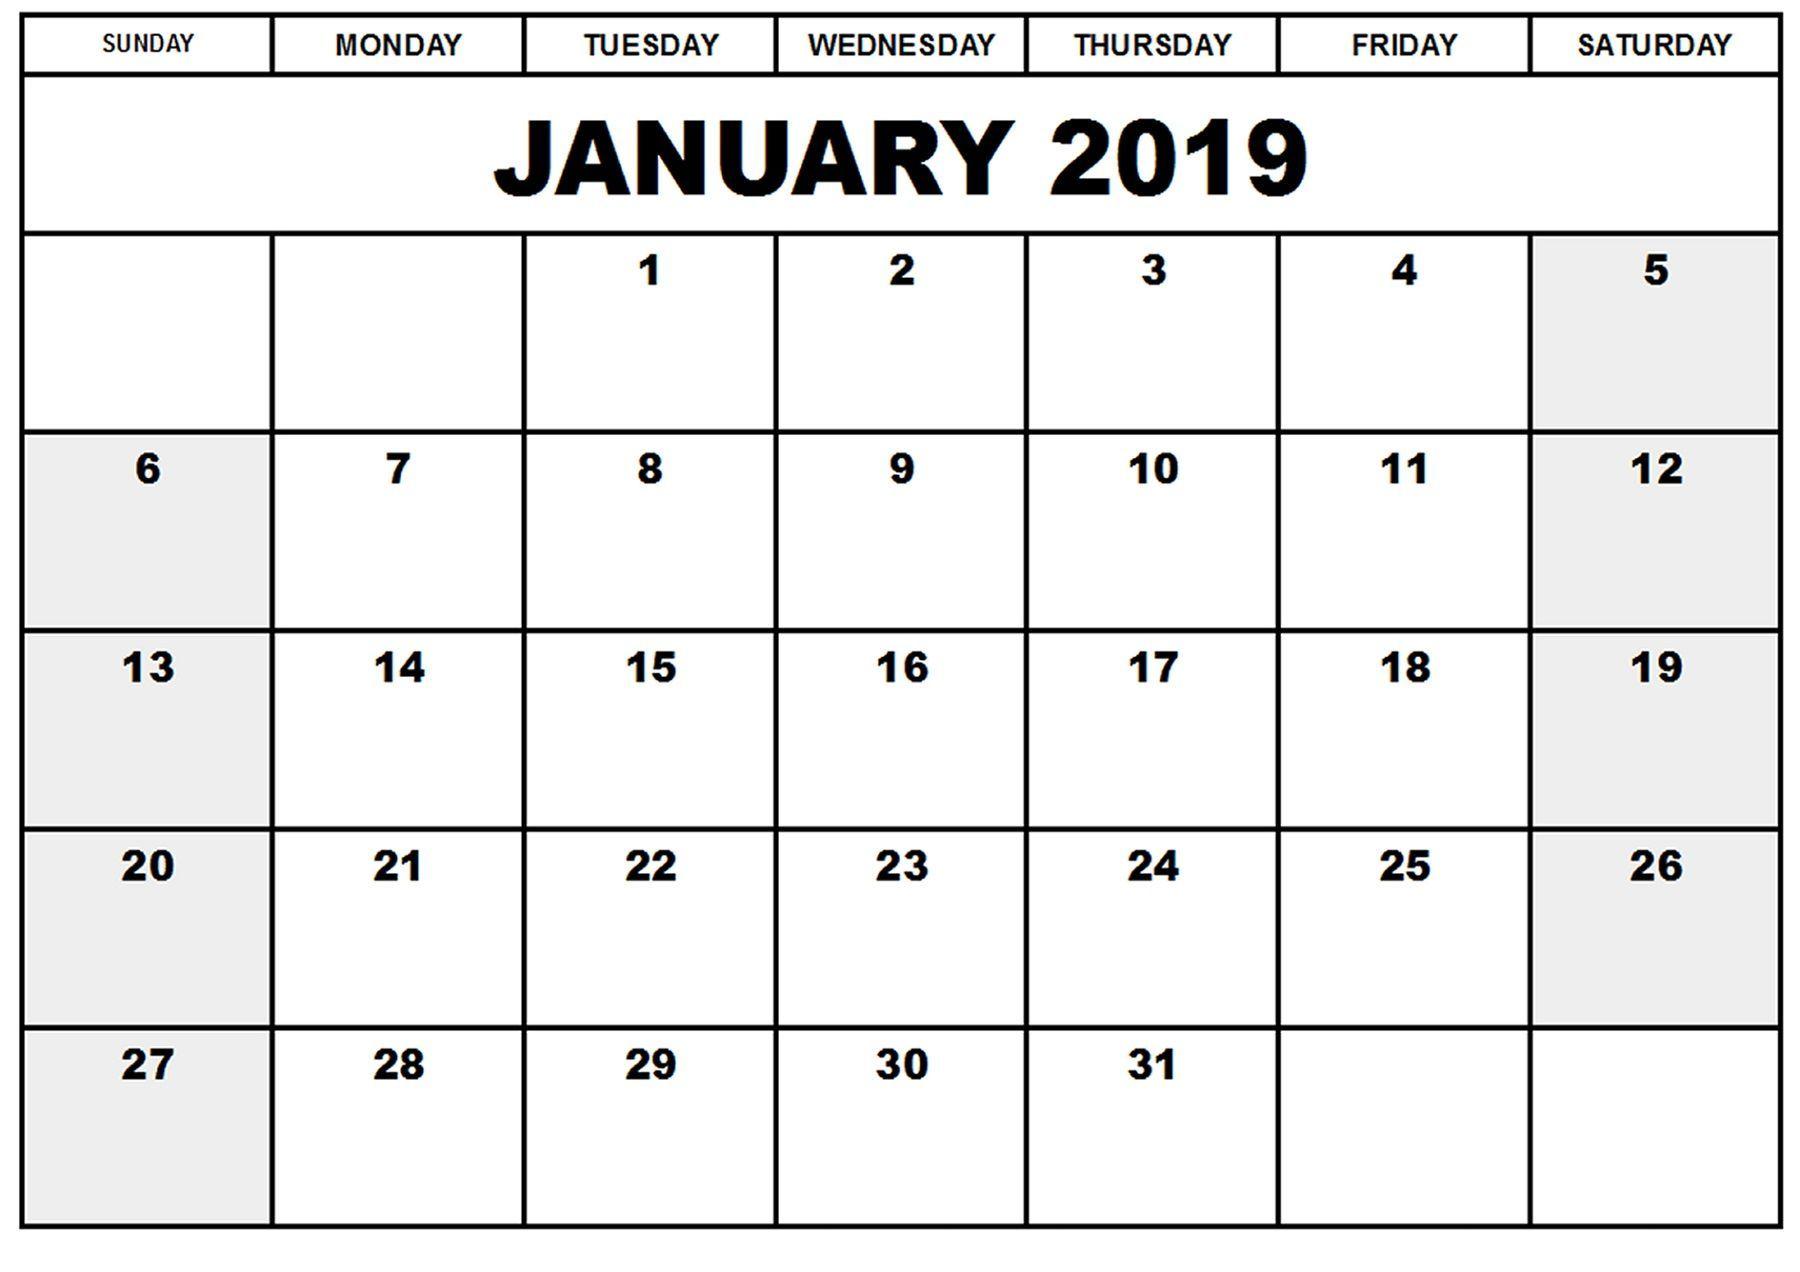 Excel Calendar January 2019 Printable Calendar January 2019 | Blank January 2019 Calendar